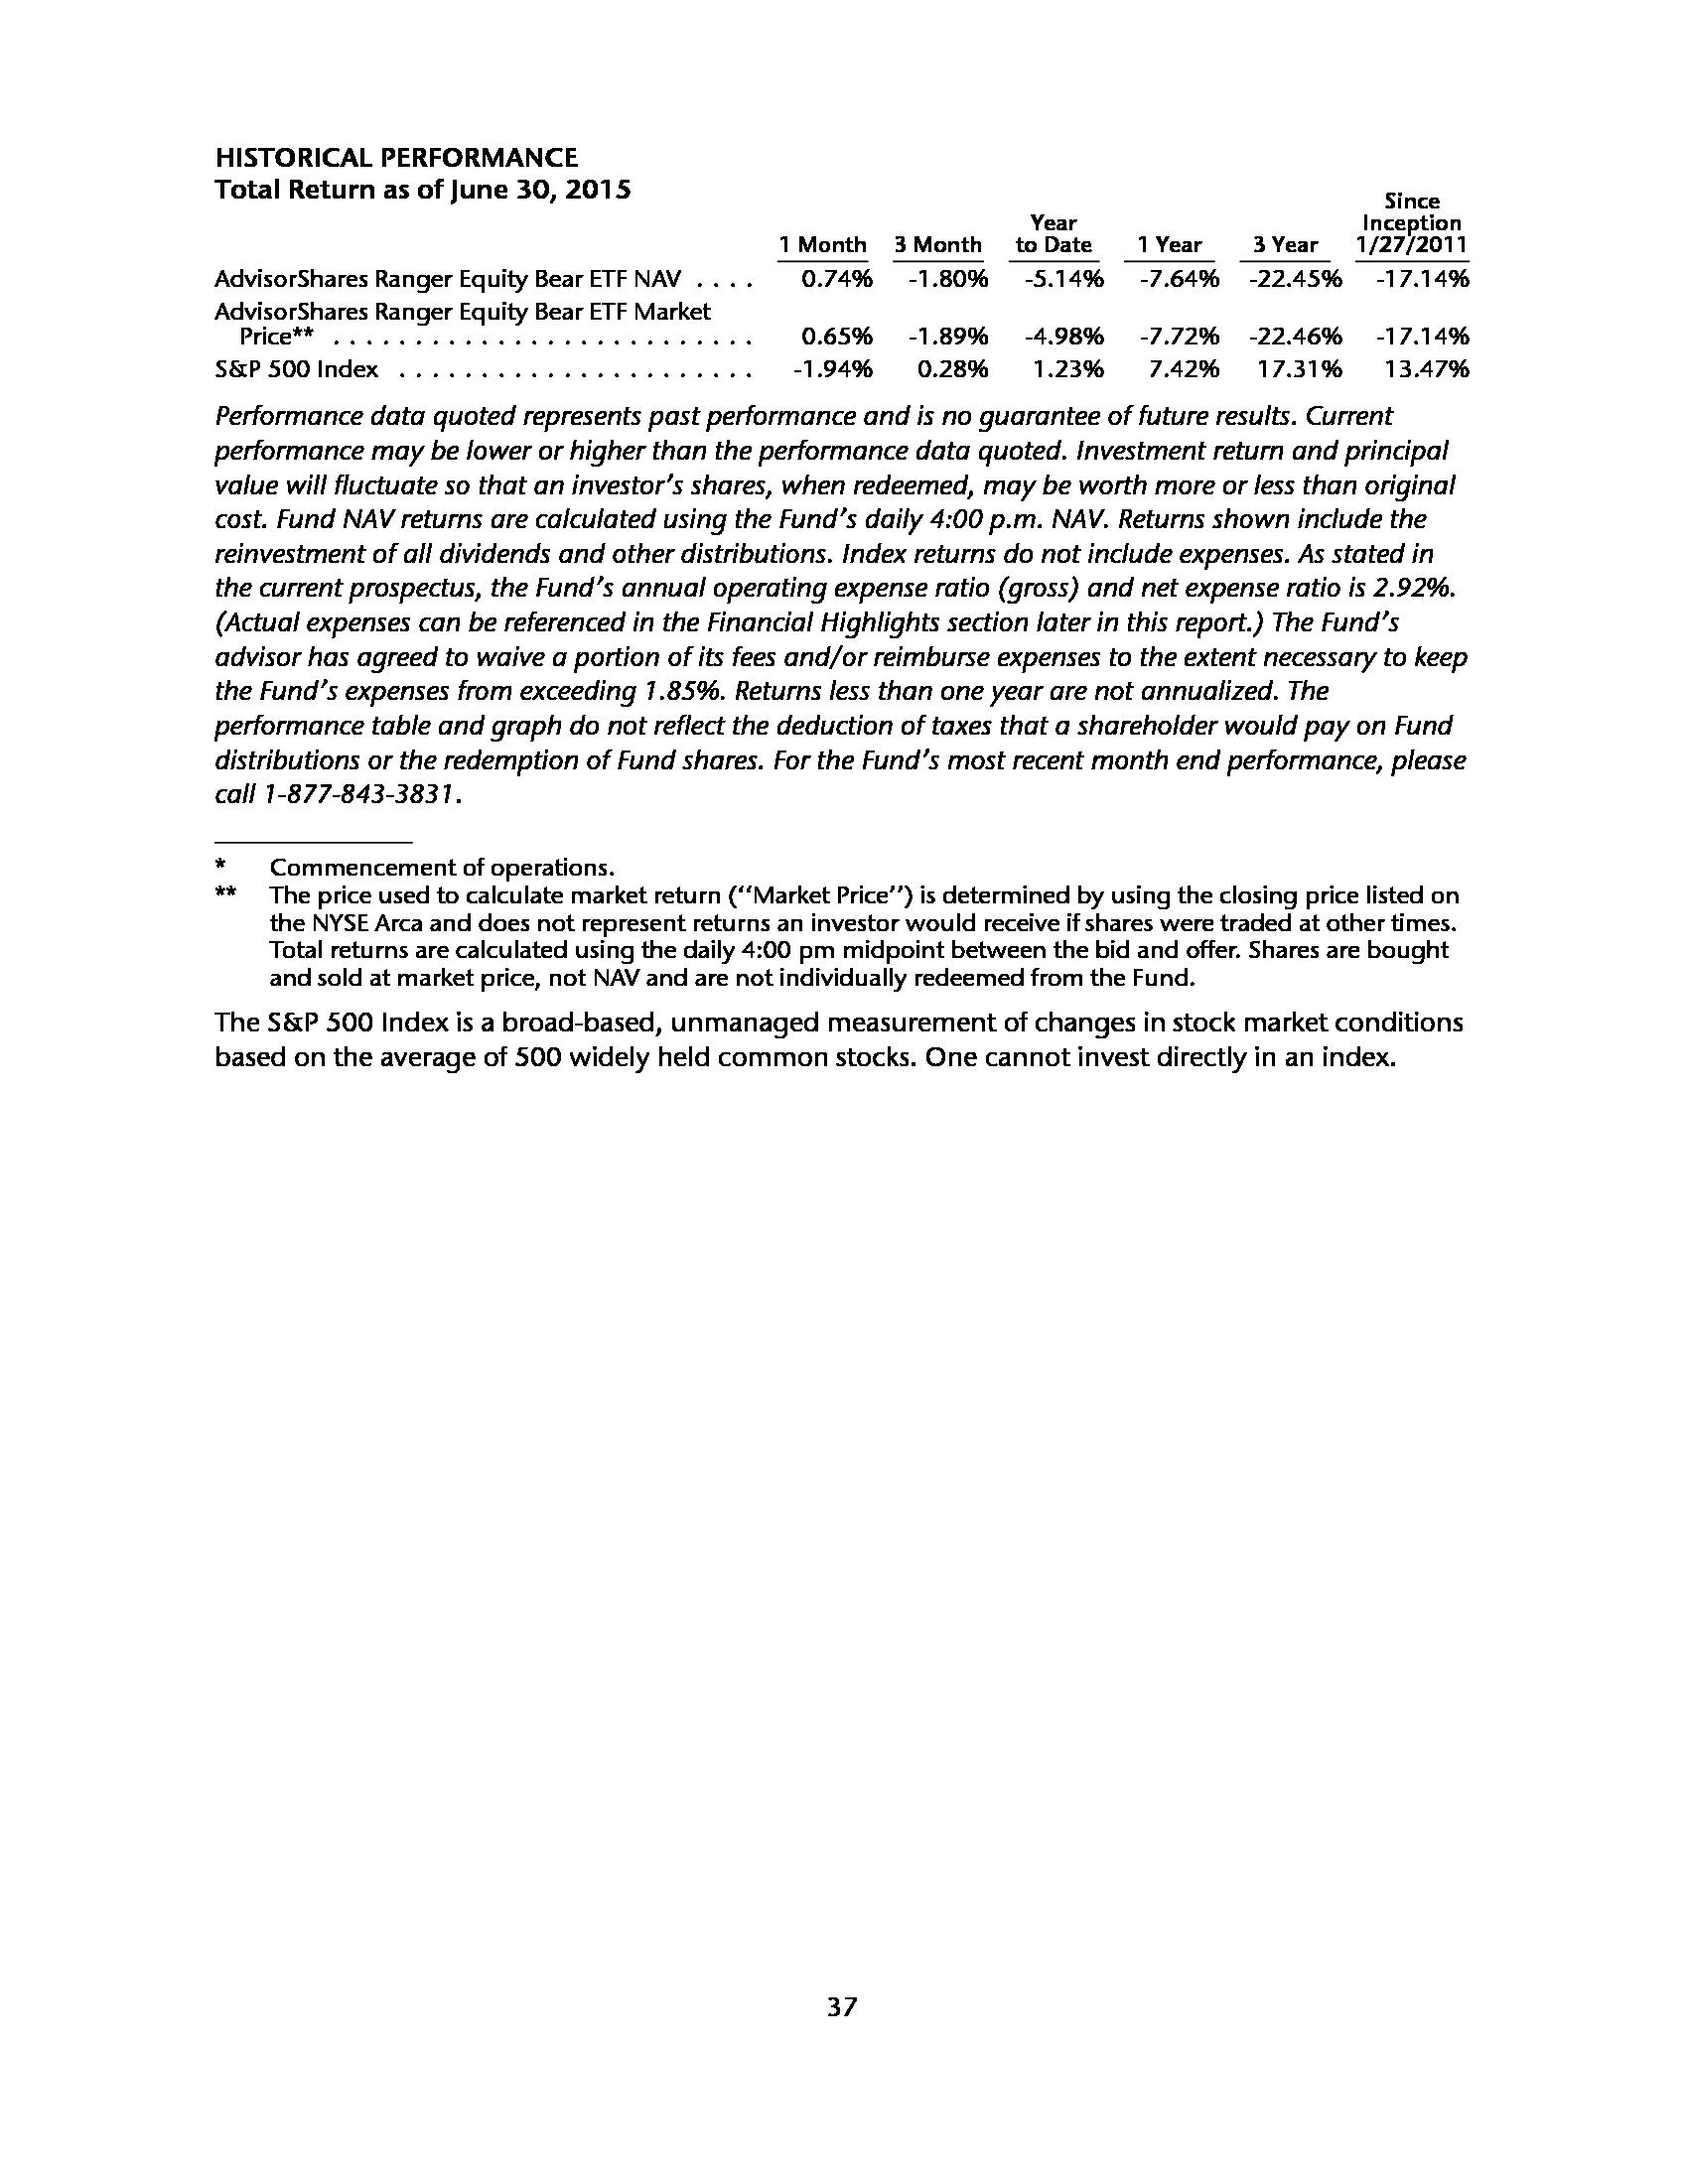 Advisorselect - AdvisorShares Annual Report, June 30, 2015